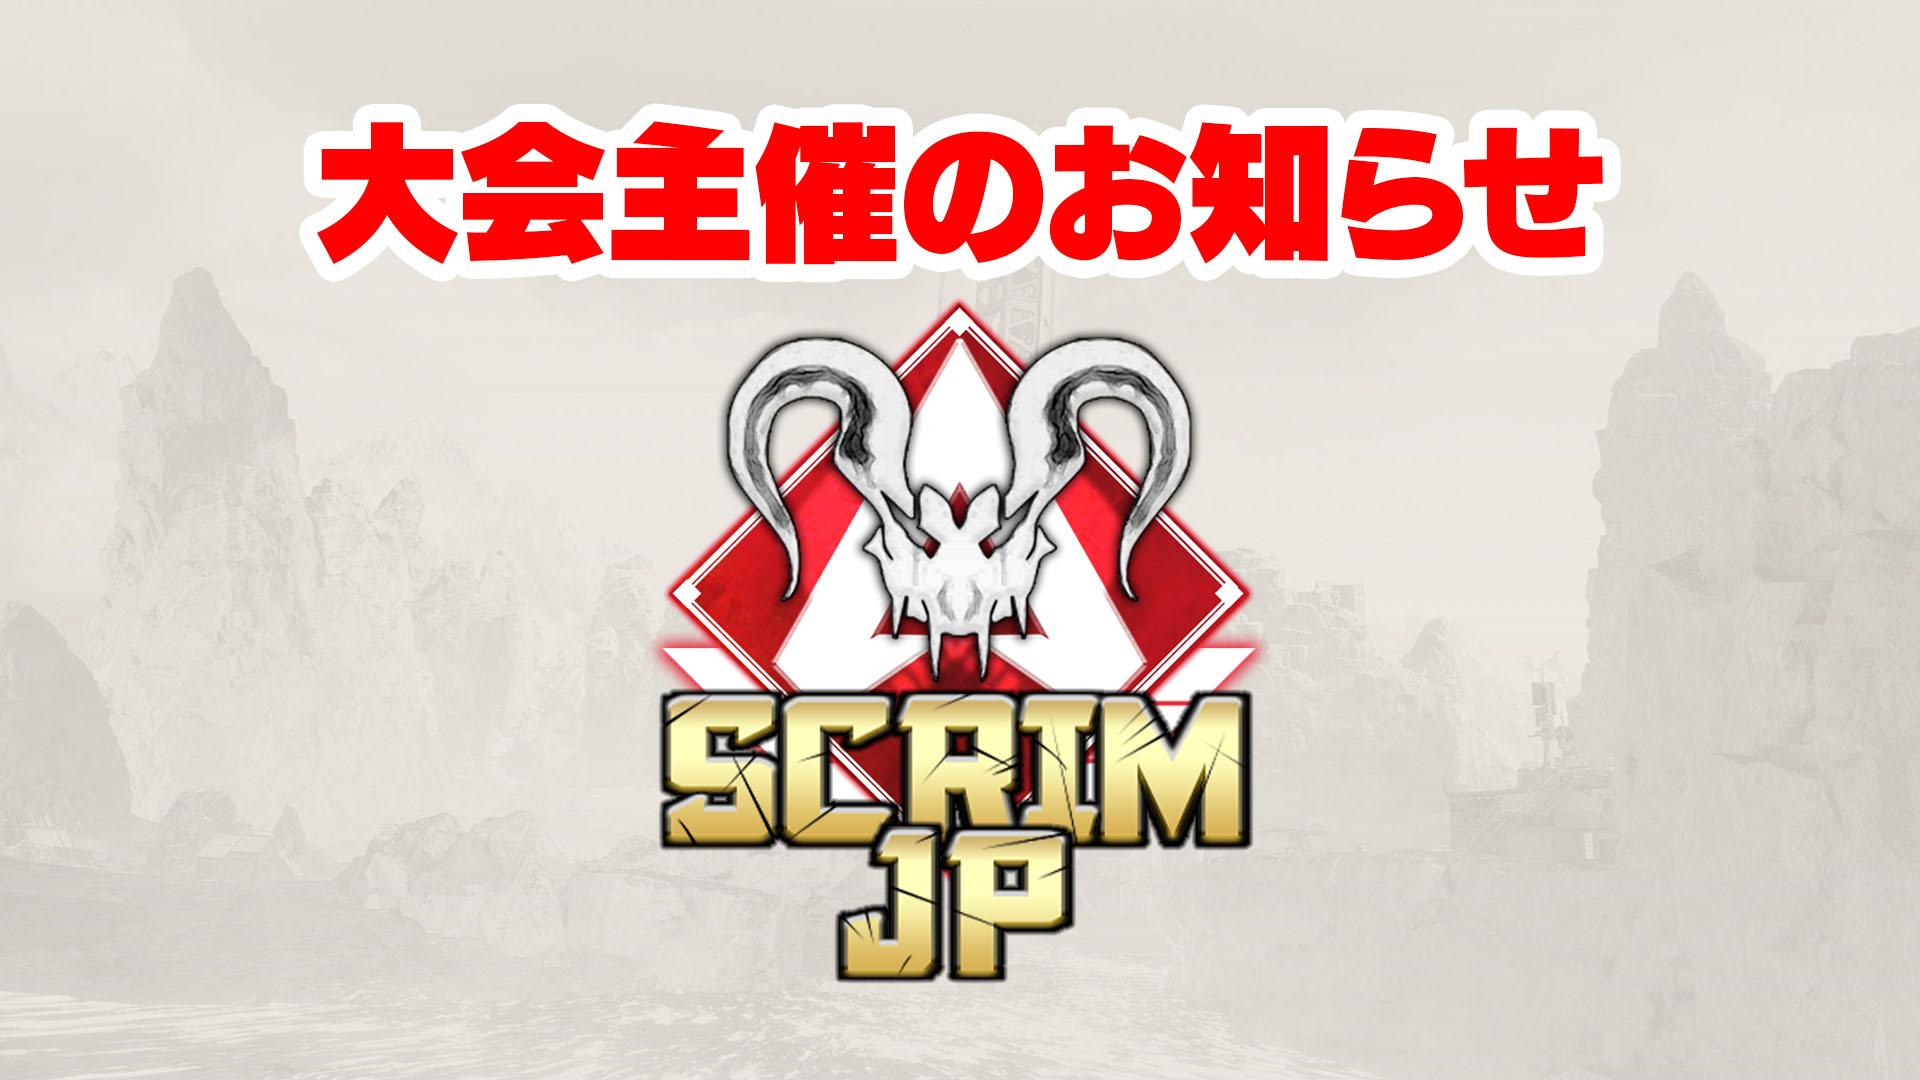 【12/15(日)開催】Apex Legends Scrim JP -Predator Cup-大会主催のお知らせ